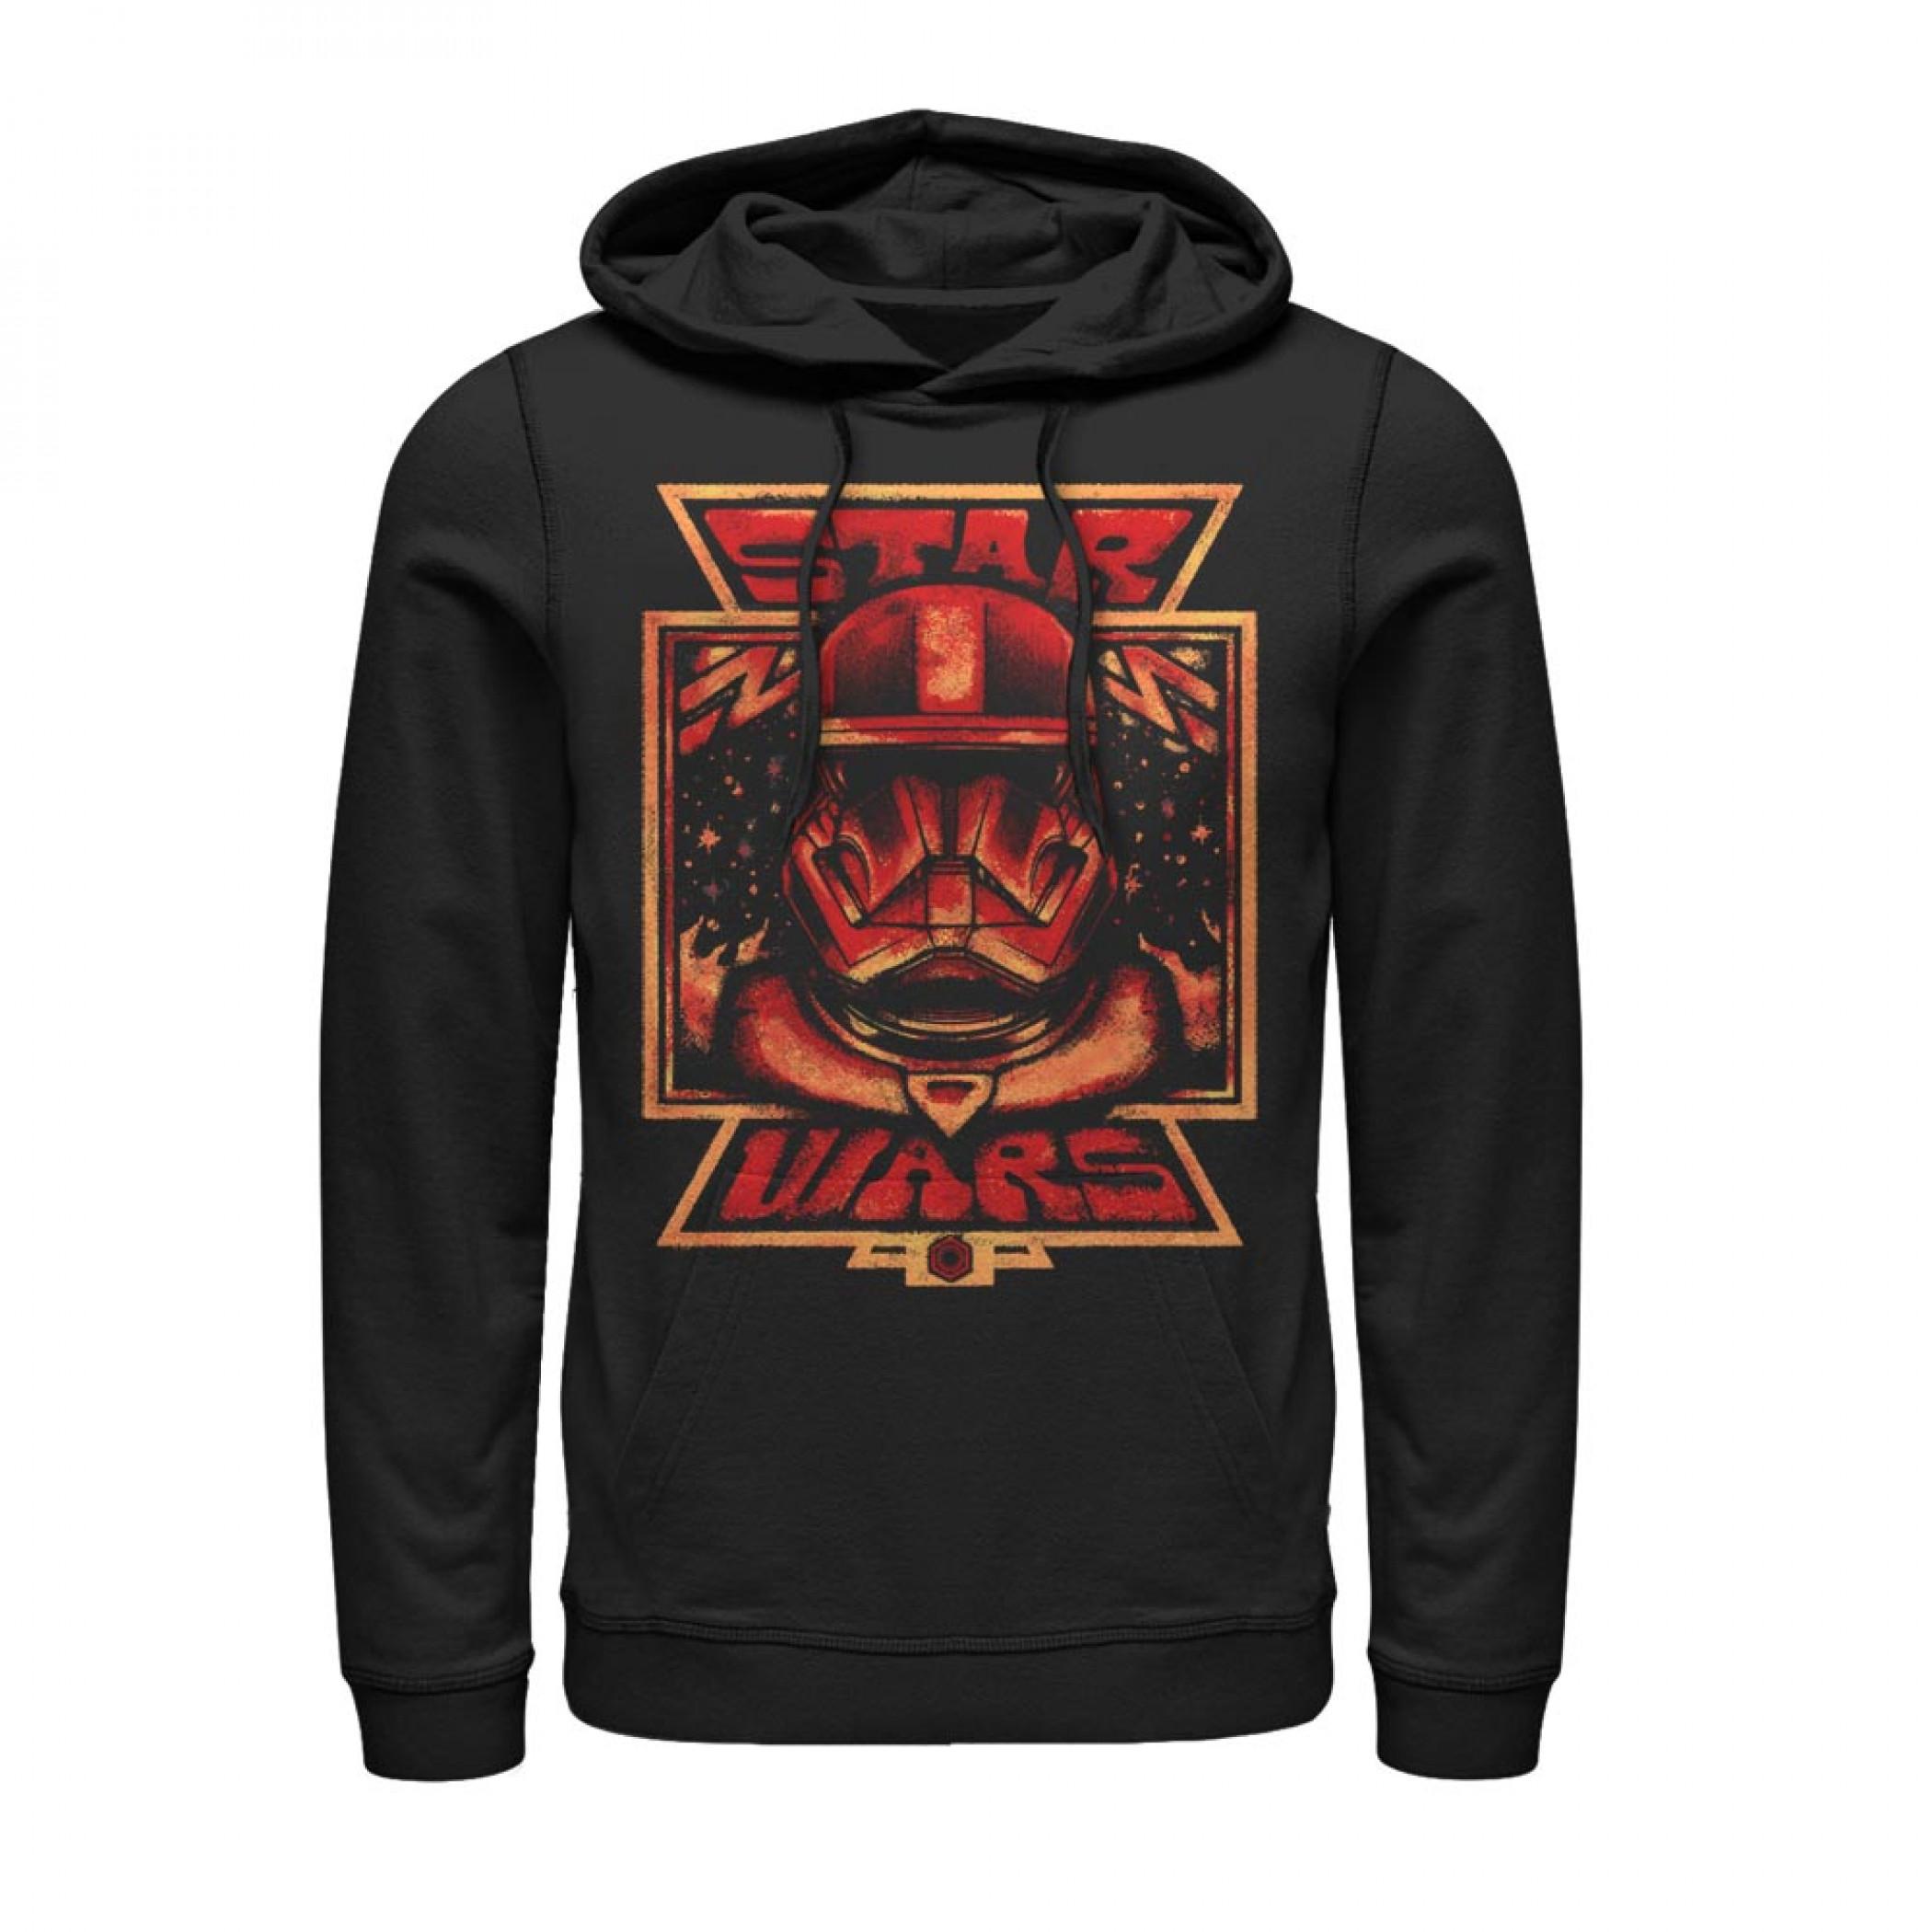 Star Wars The Rise of Skywalker Sith Trooper Hoodie